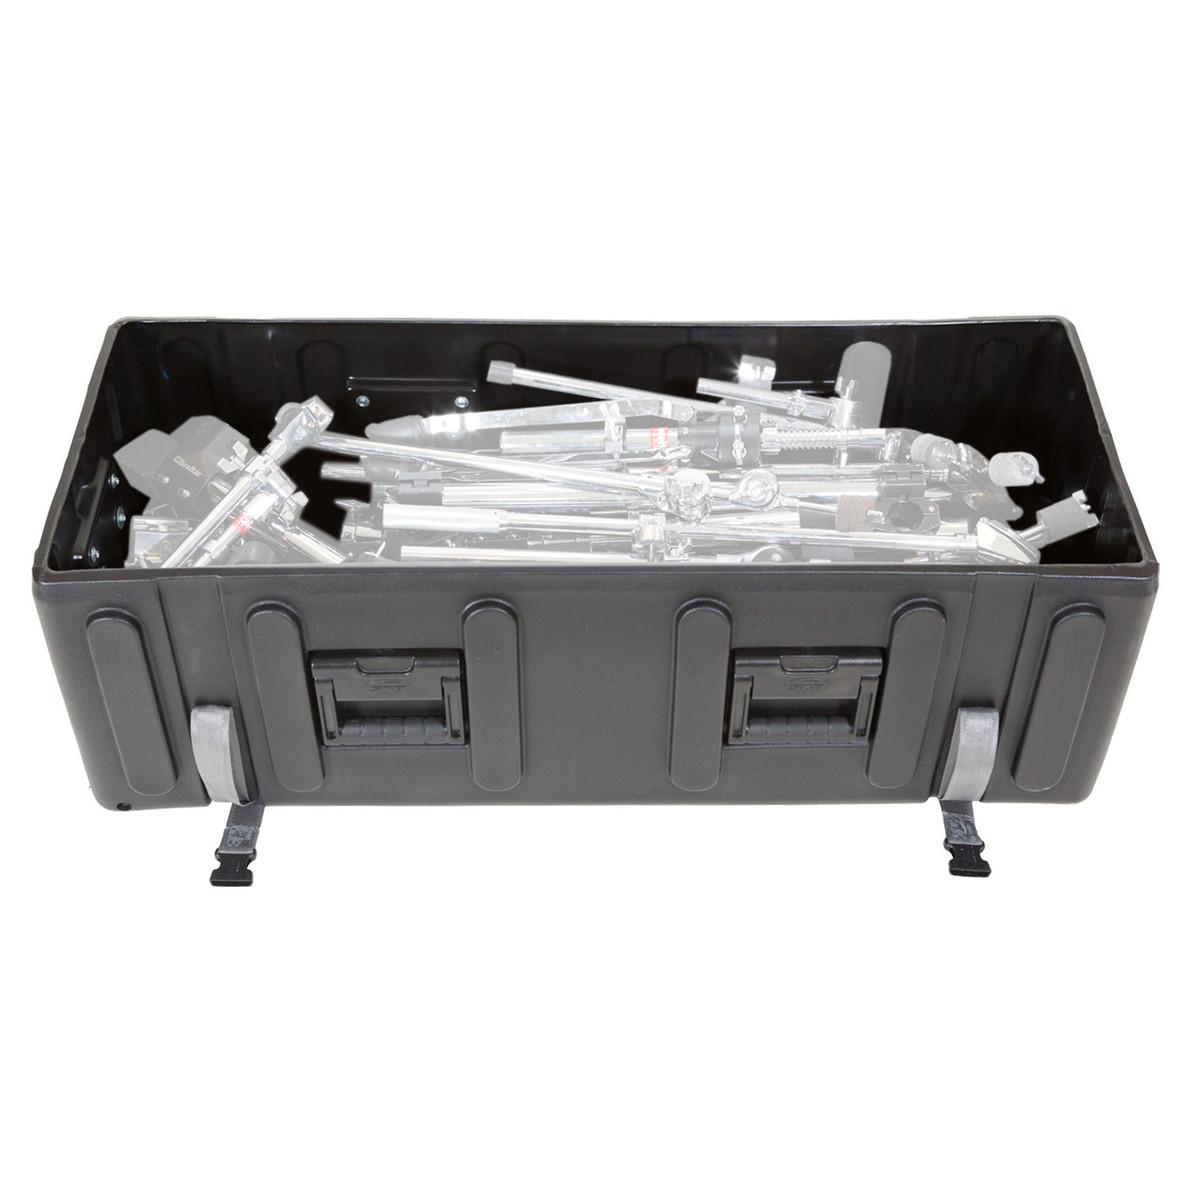 skb large drum hardware case with wheels at. Black Bedroom Furniture Sets. Home Design Ideas